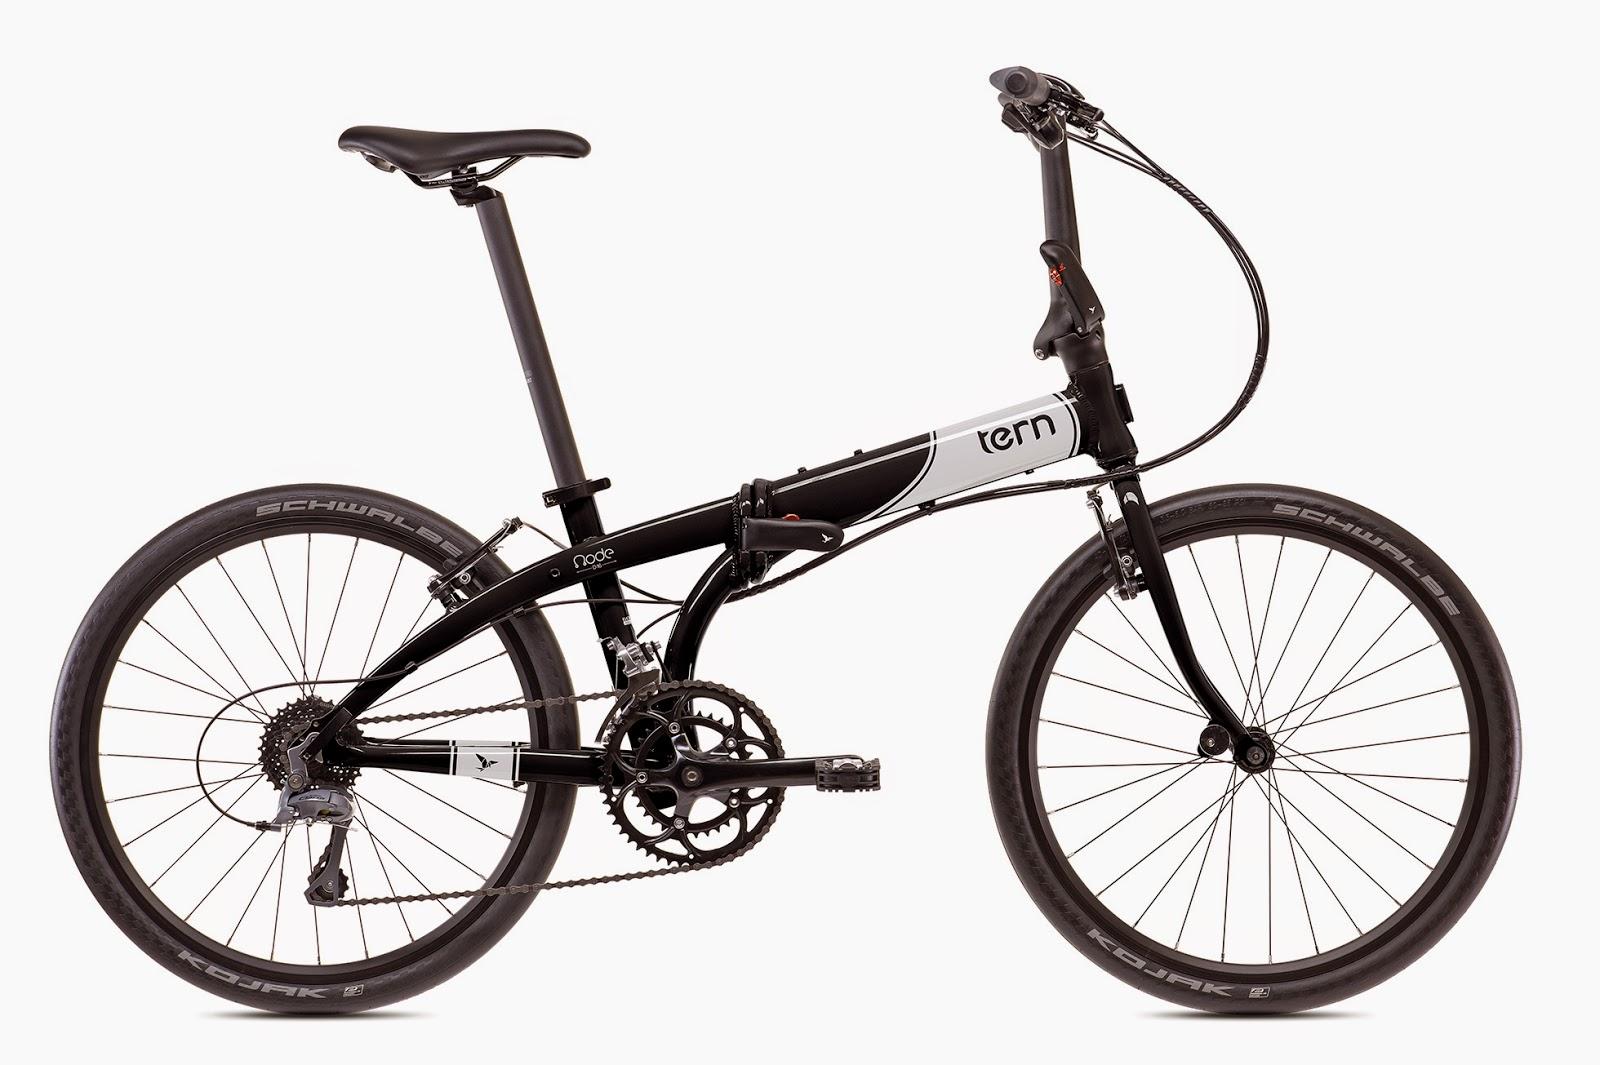 Ga Bike